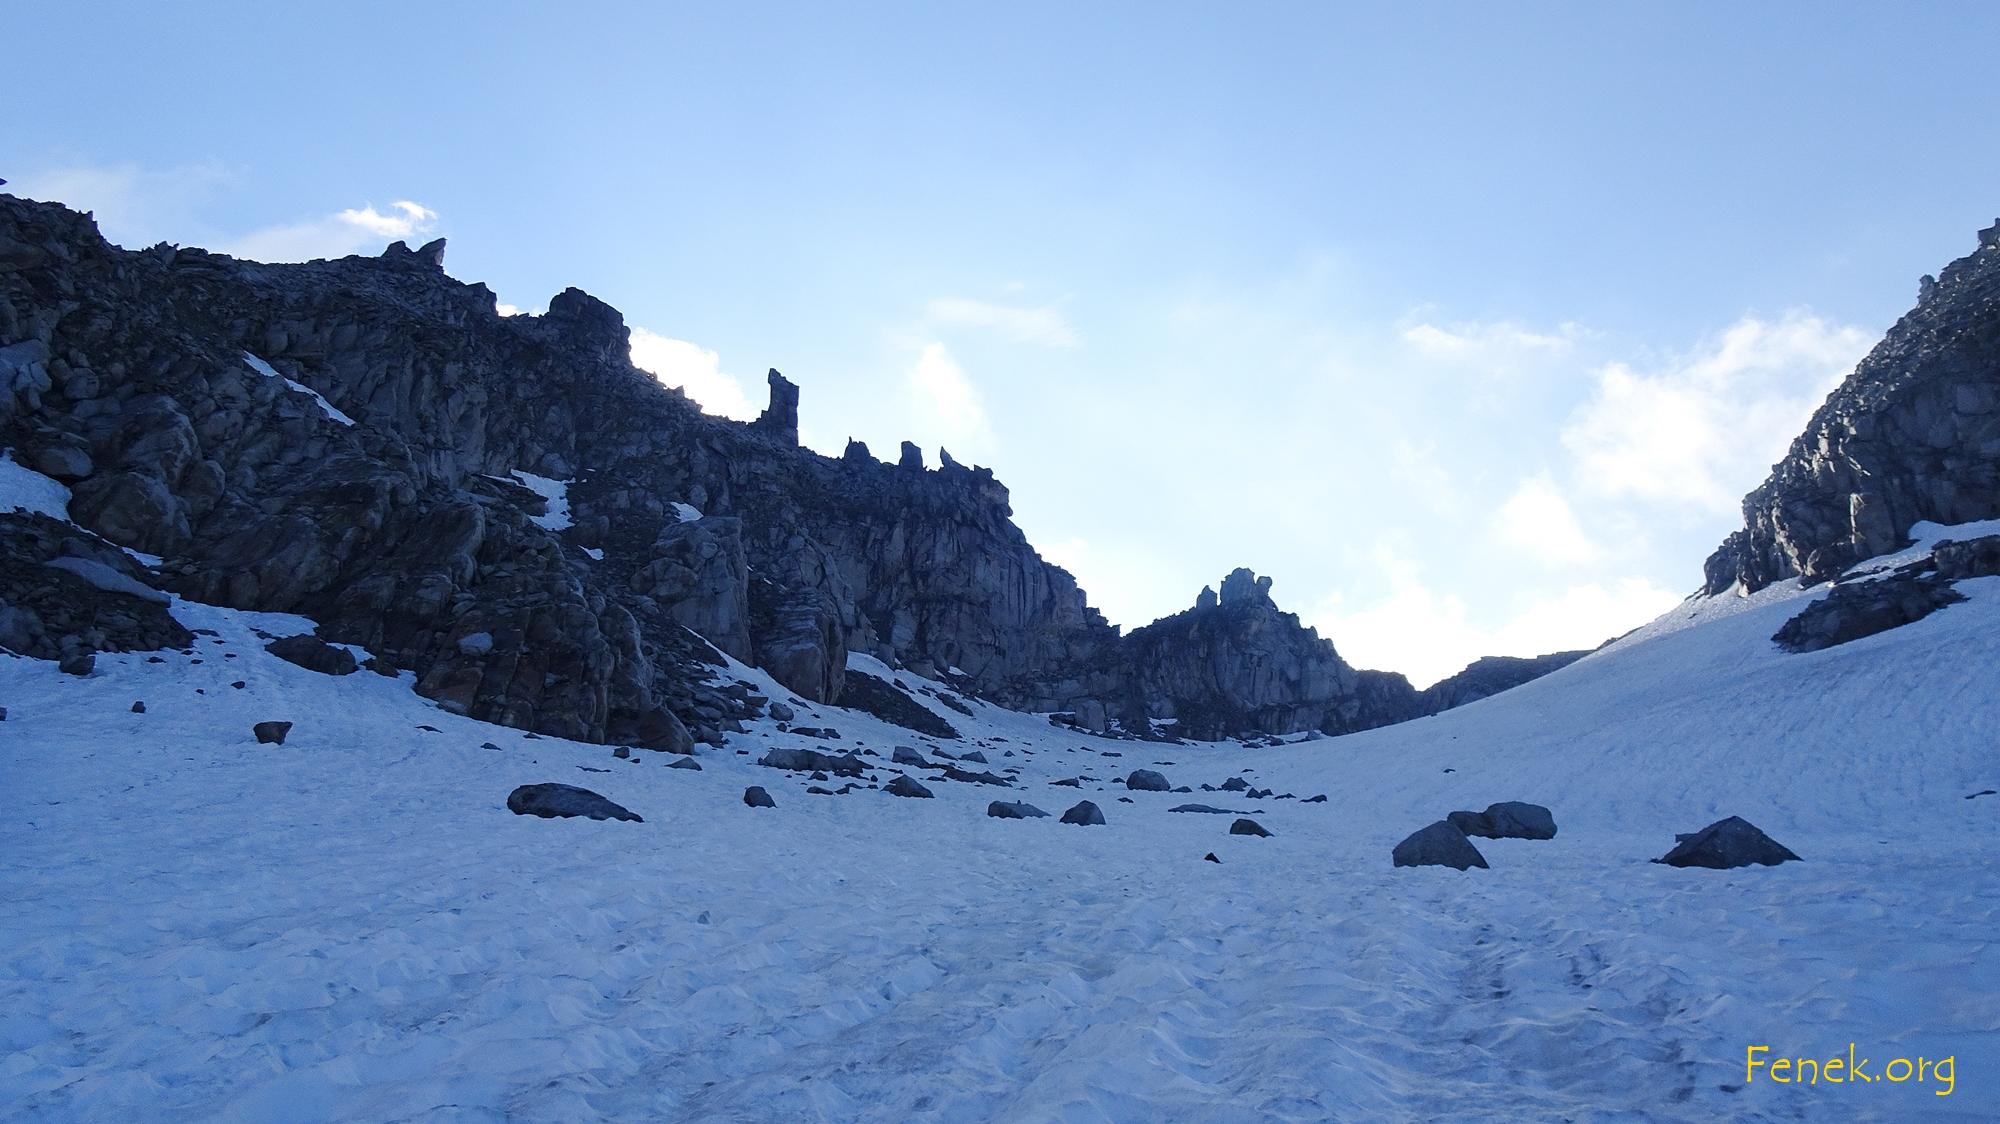 der kleine namenlose Gletscher der zum Hohsandjoch führt